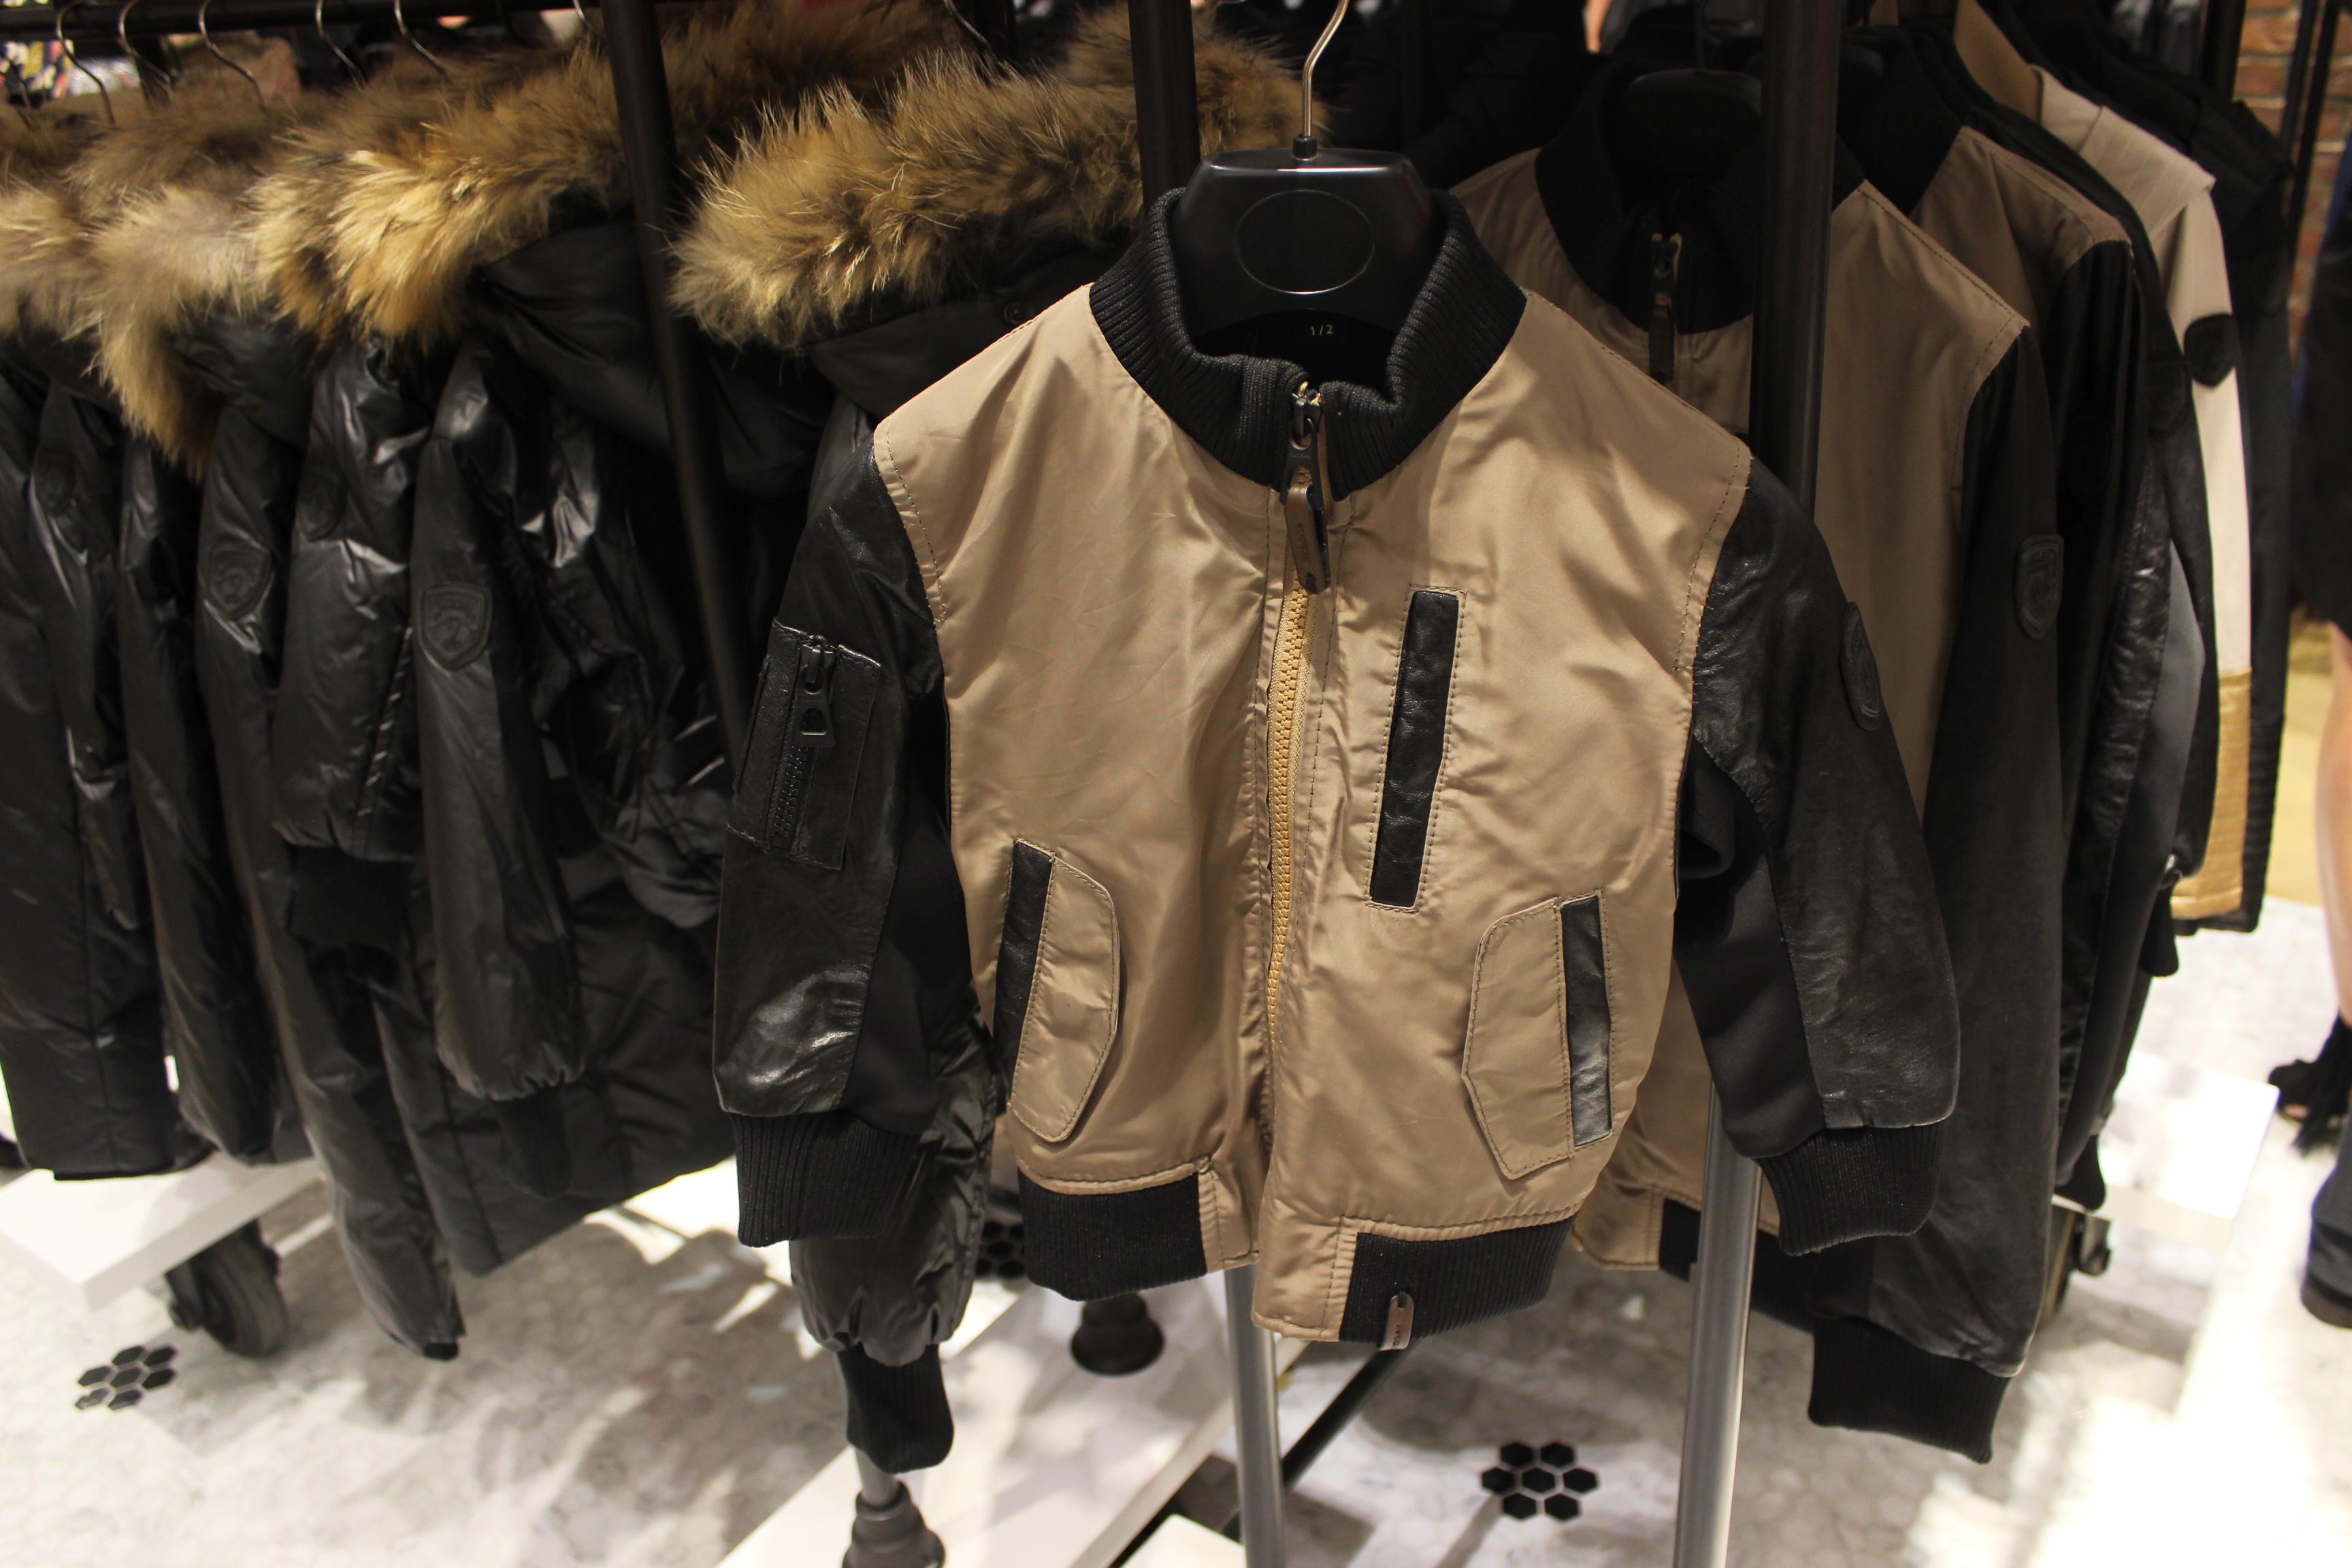 Leather jacket store montreal – Modern fashion jacket photo blog